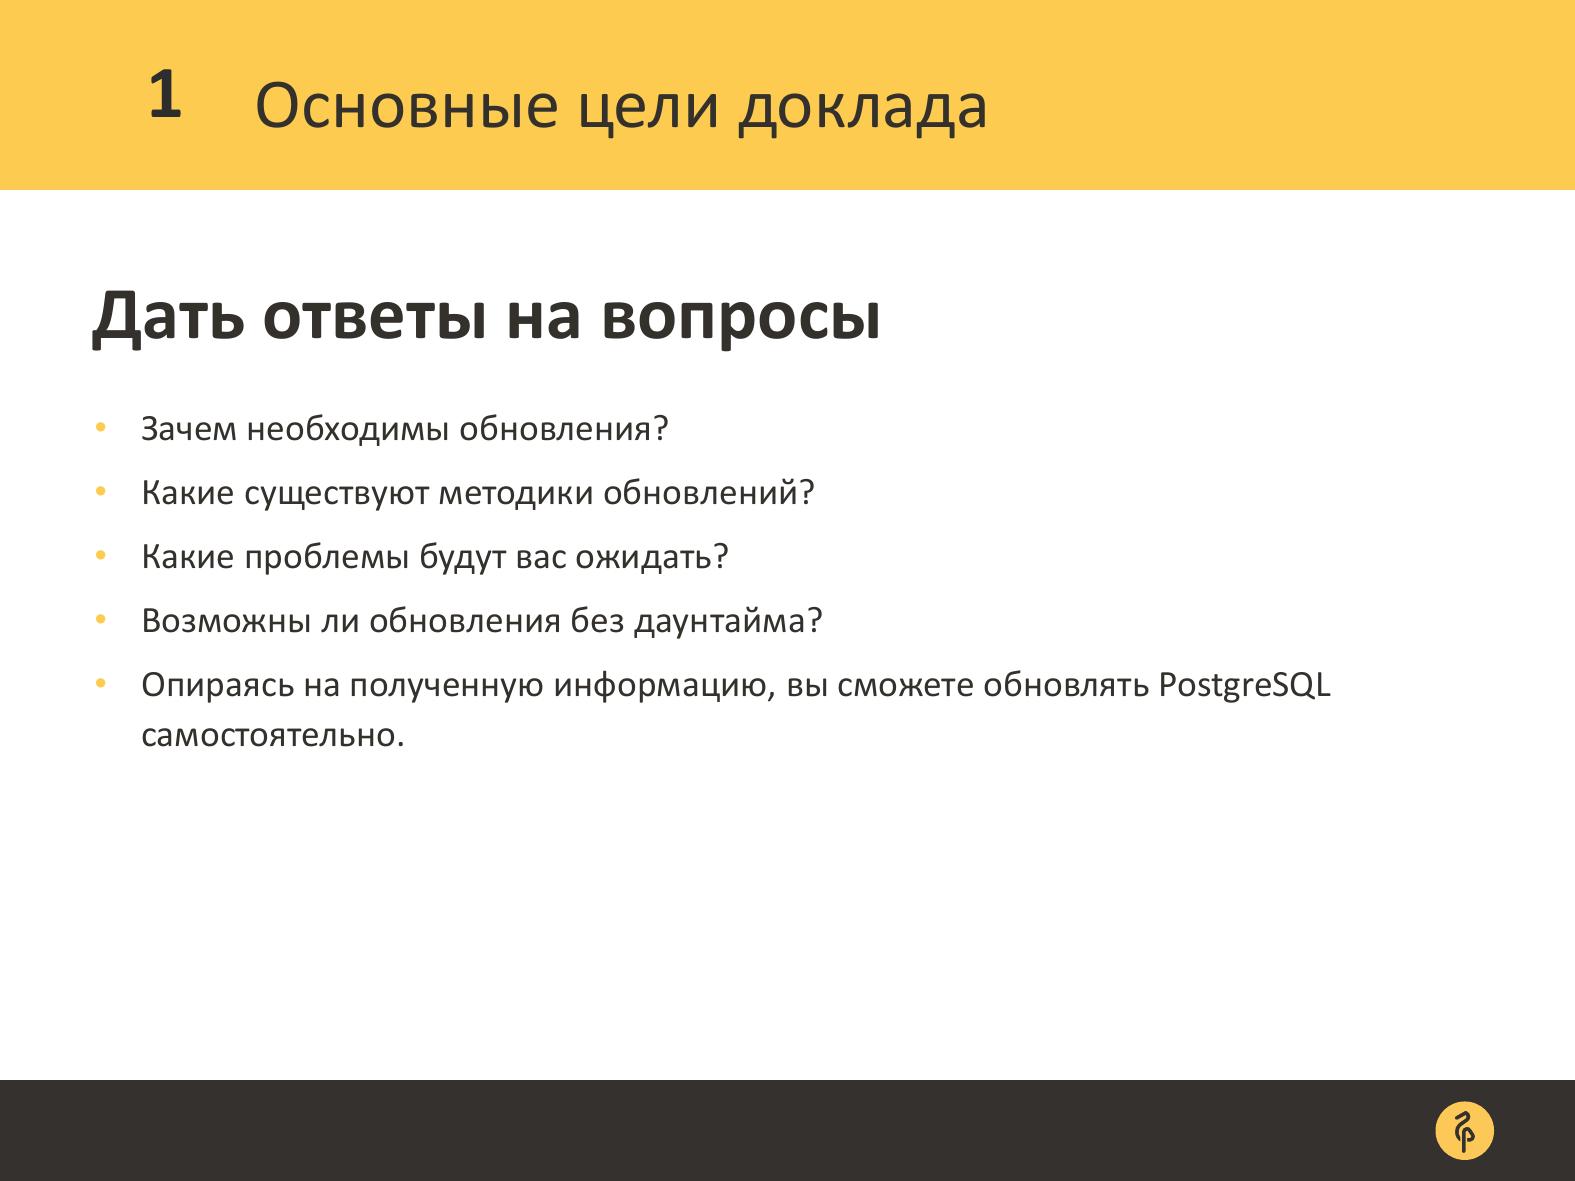 Практика обновления версий PostgreSQL. Андрей Сальников - 2